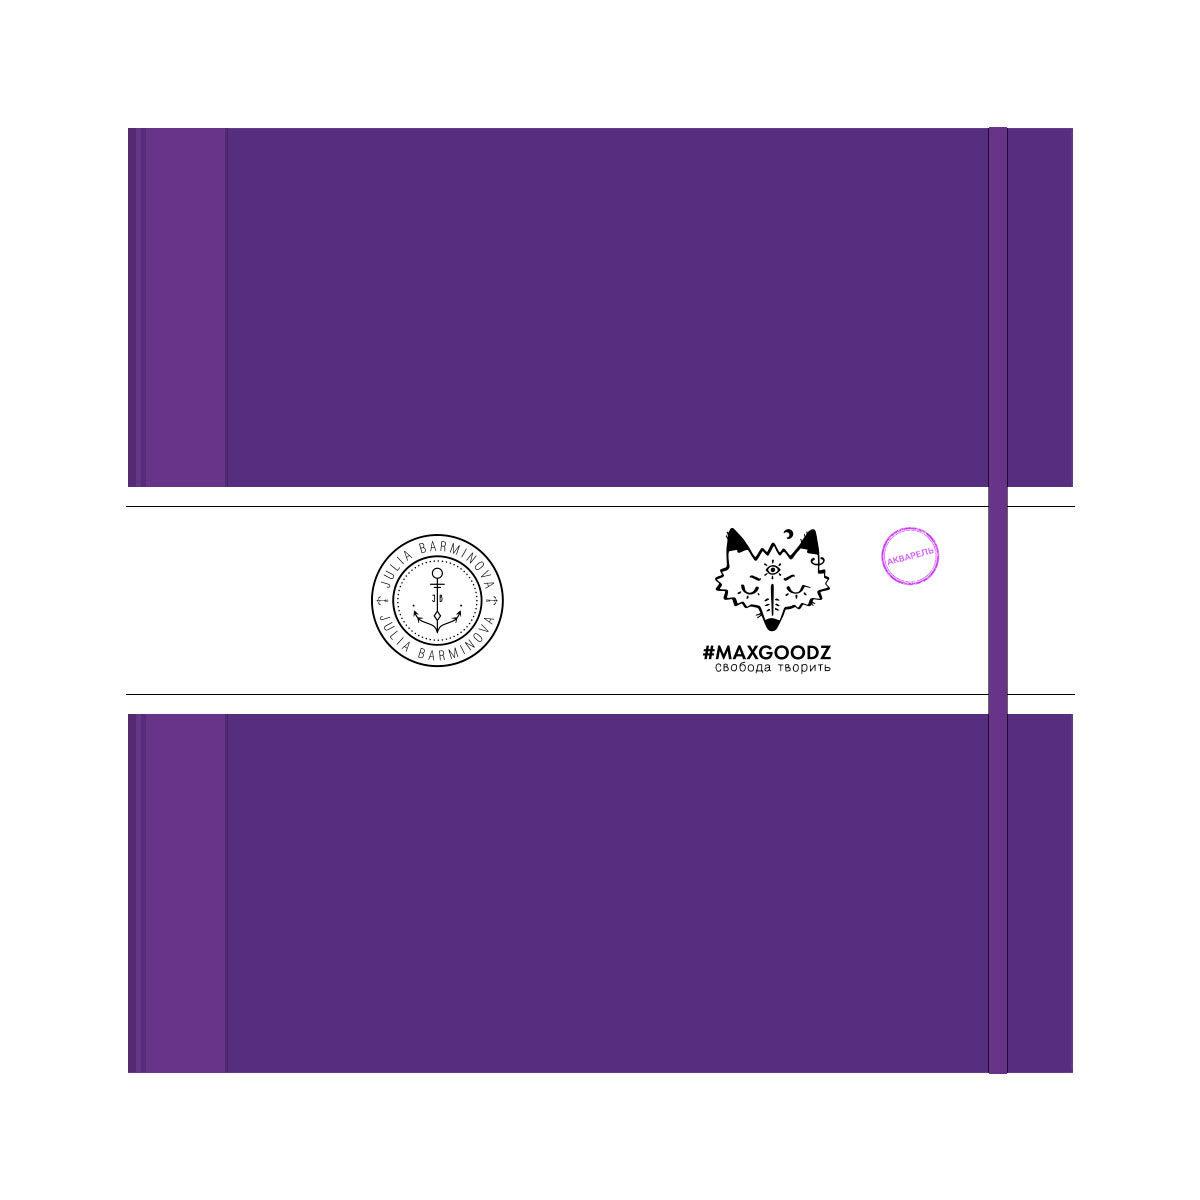 Купить Скетчбук для акварели Maxgoodz Aquarelle Pro 100% Хлопок 25х25 см, 24 л, 300 г Фиолетовый, Россия